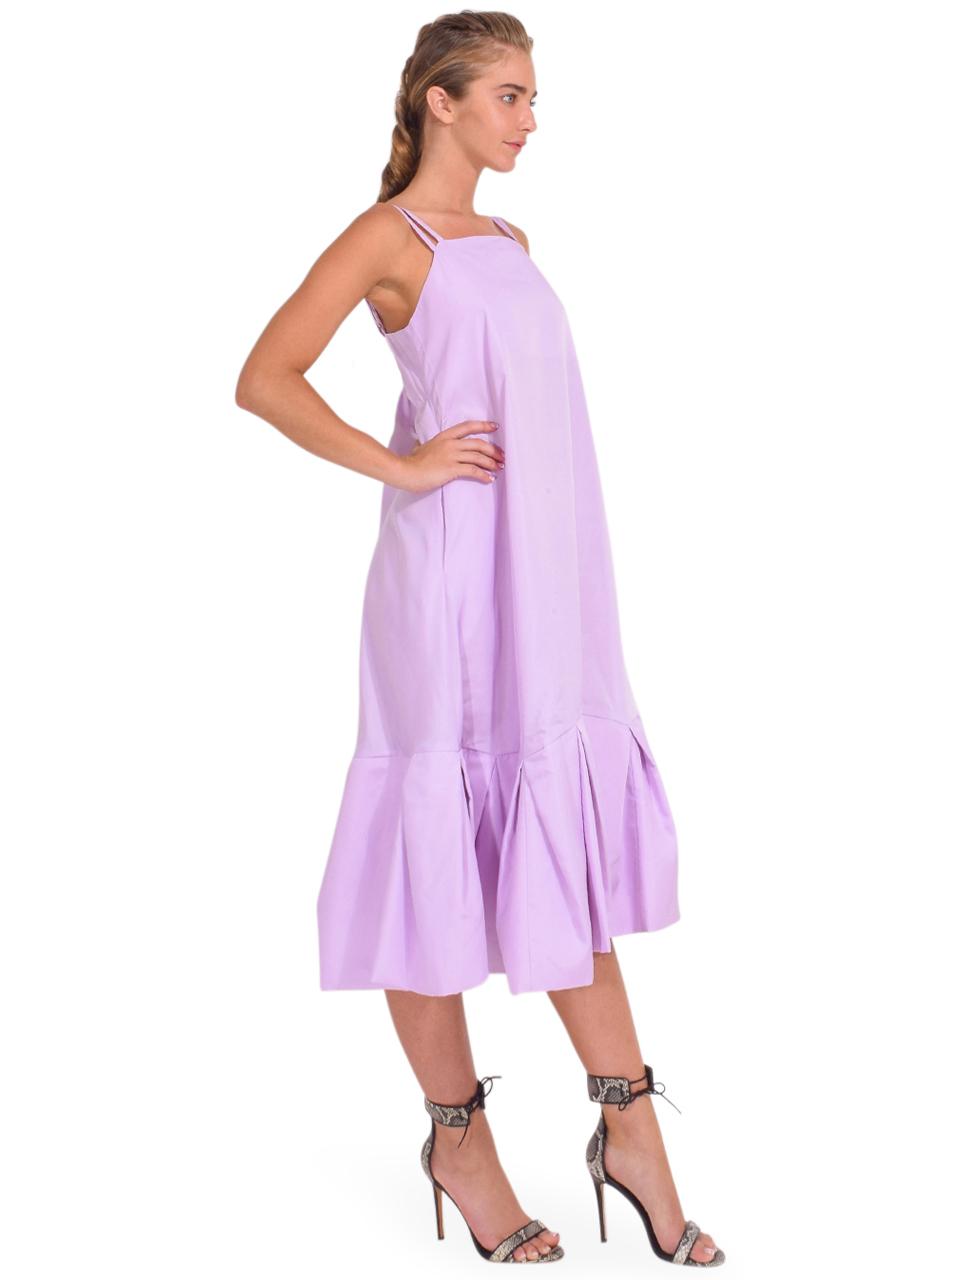 3.1 Phillip Lim Multi Strap A-Line Taffeta Dress in Lavender Side View